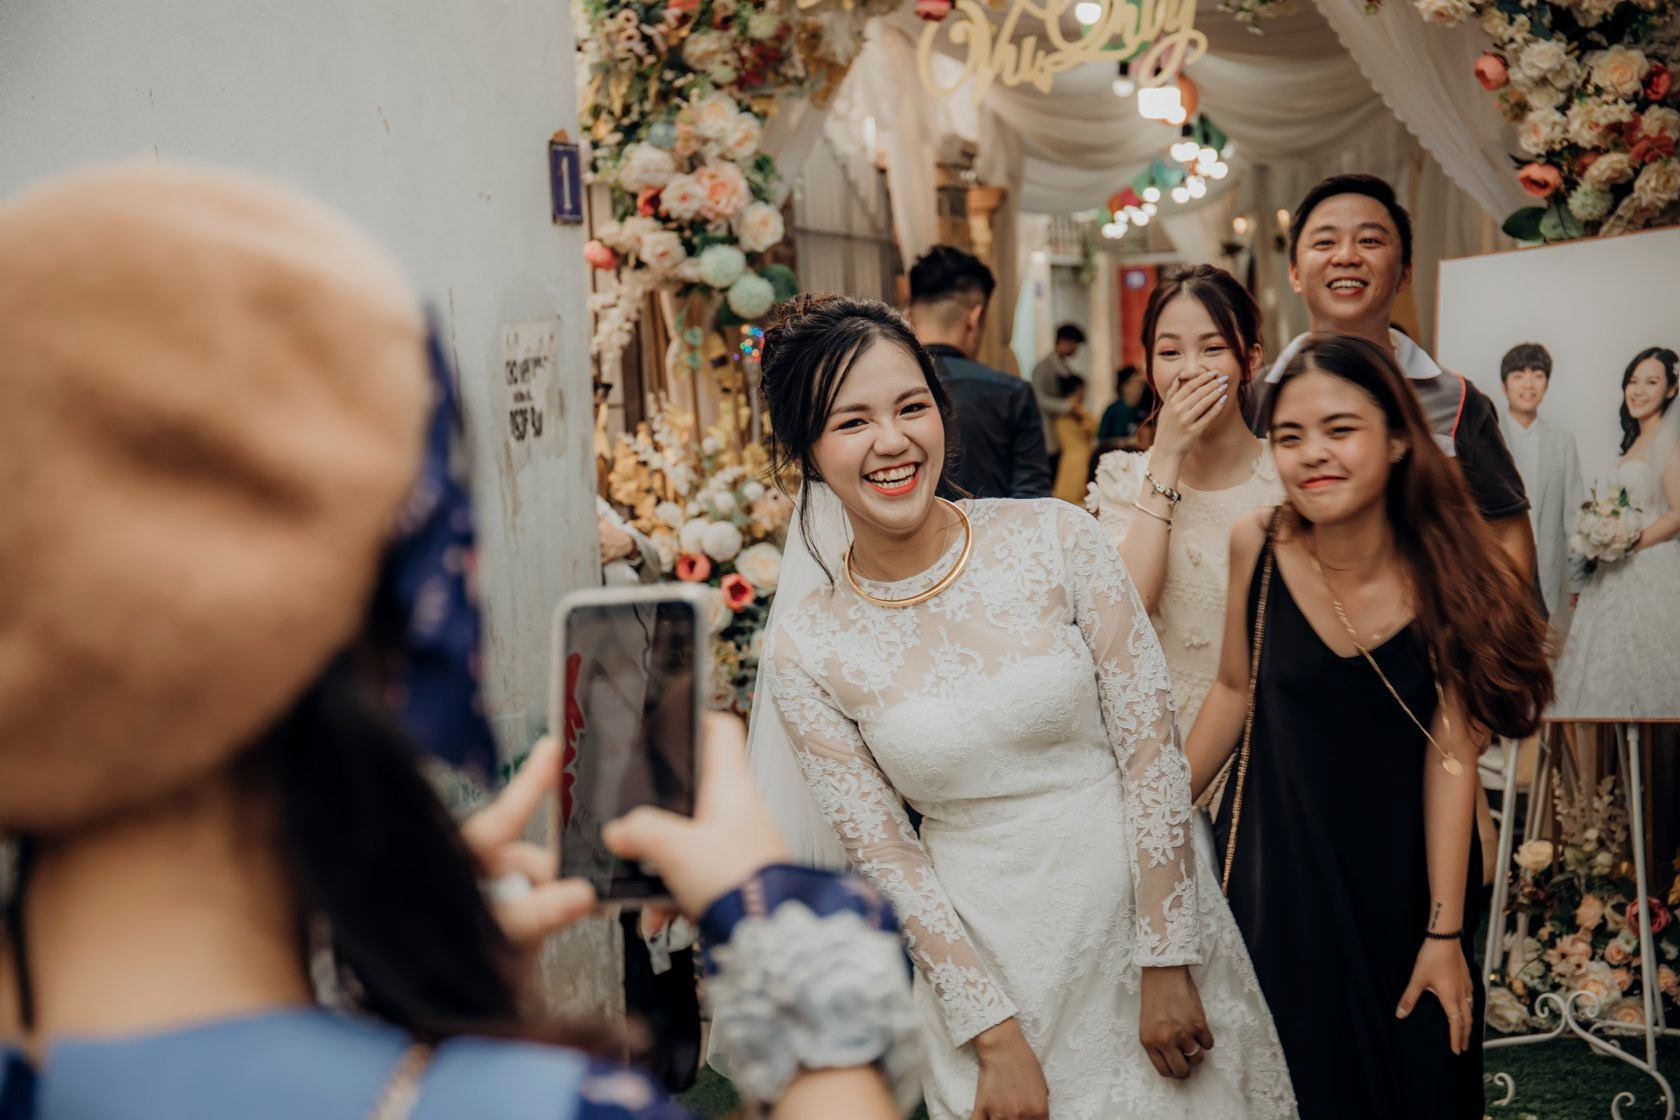 Kịch bản quay phóng sự cưới sáng tạo cho hôn lễ của đôi bạn 2